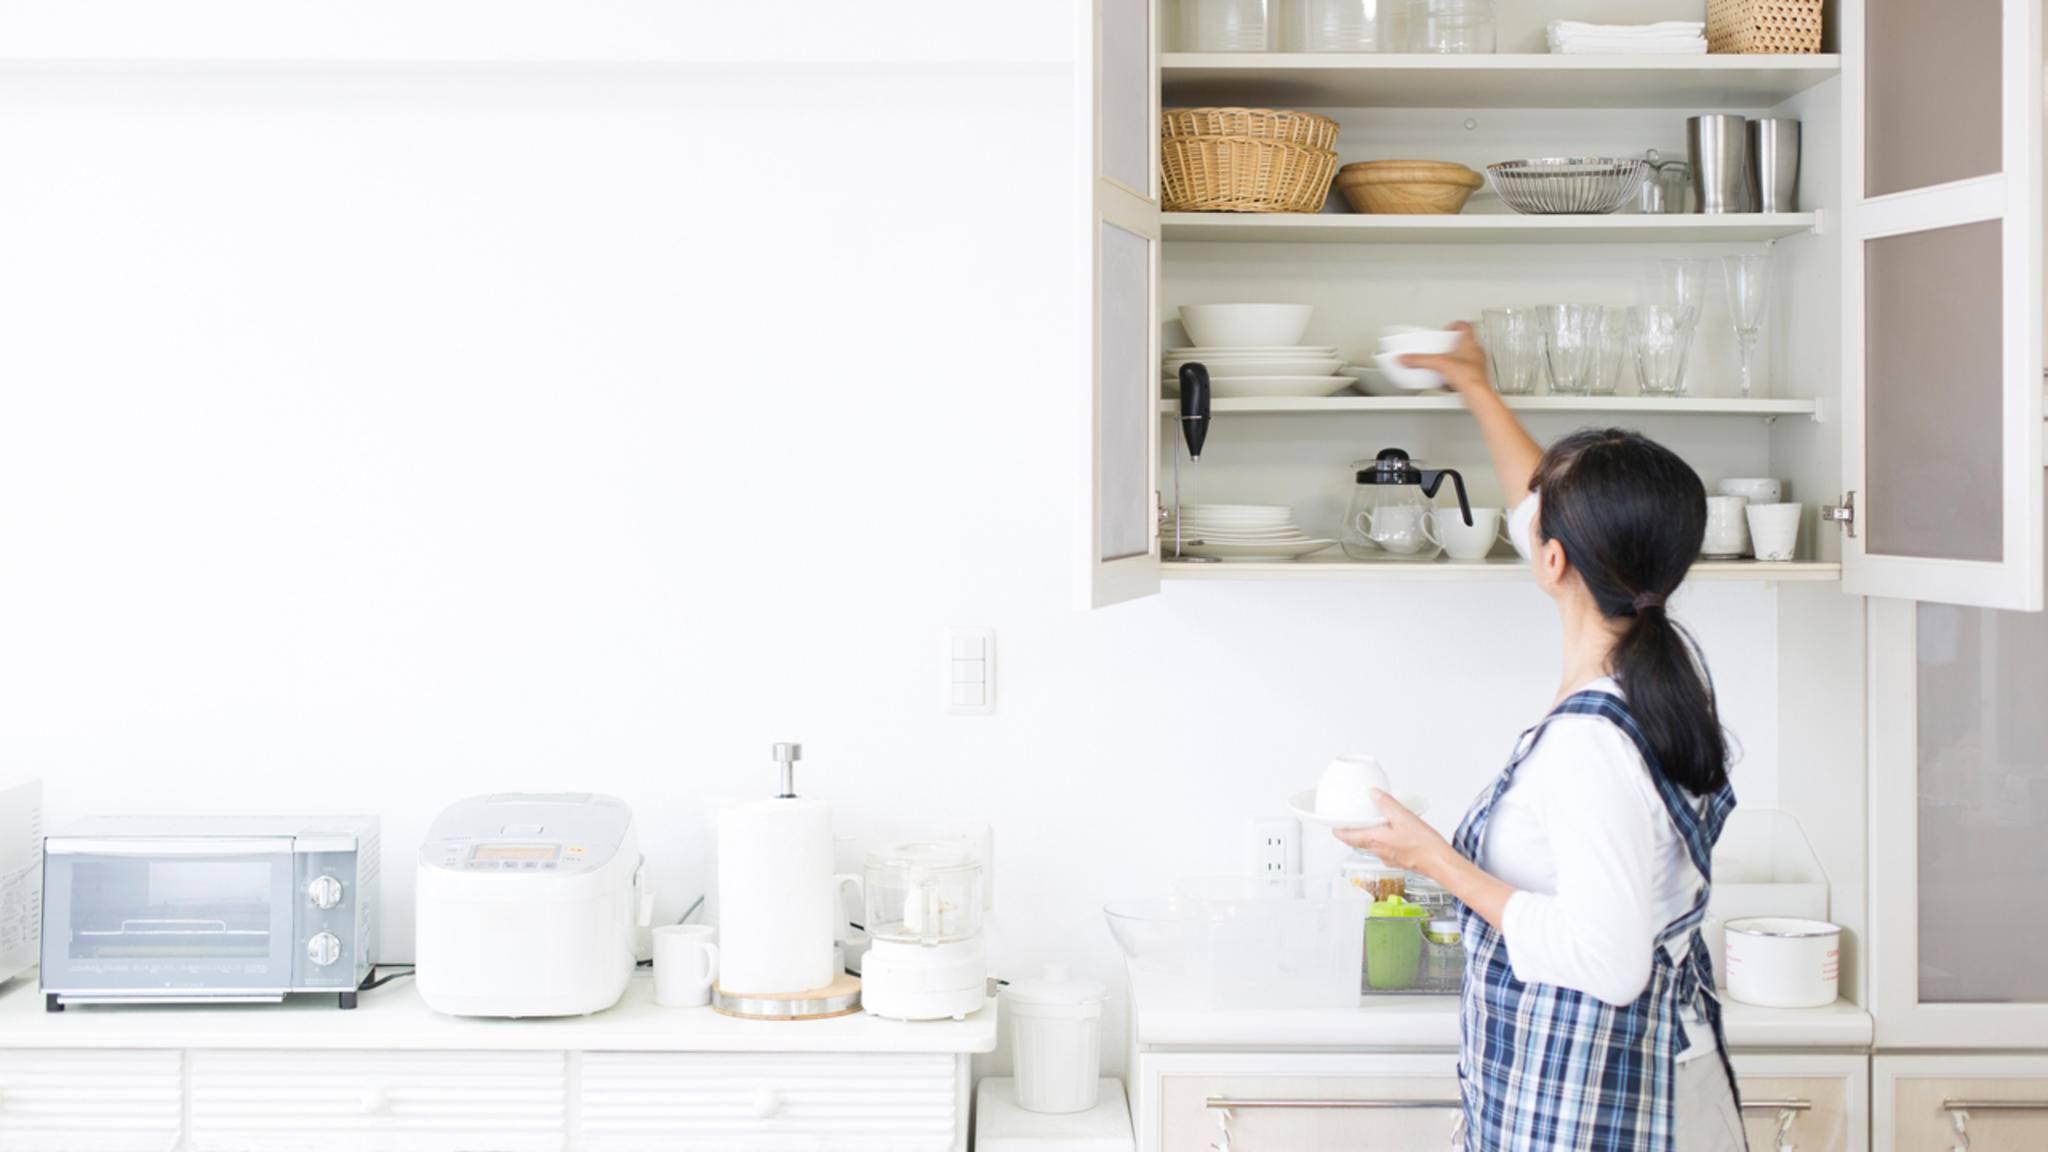 Küche Organisieren küche organisieren 7 sinnvolle ordnungs tipps